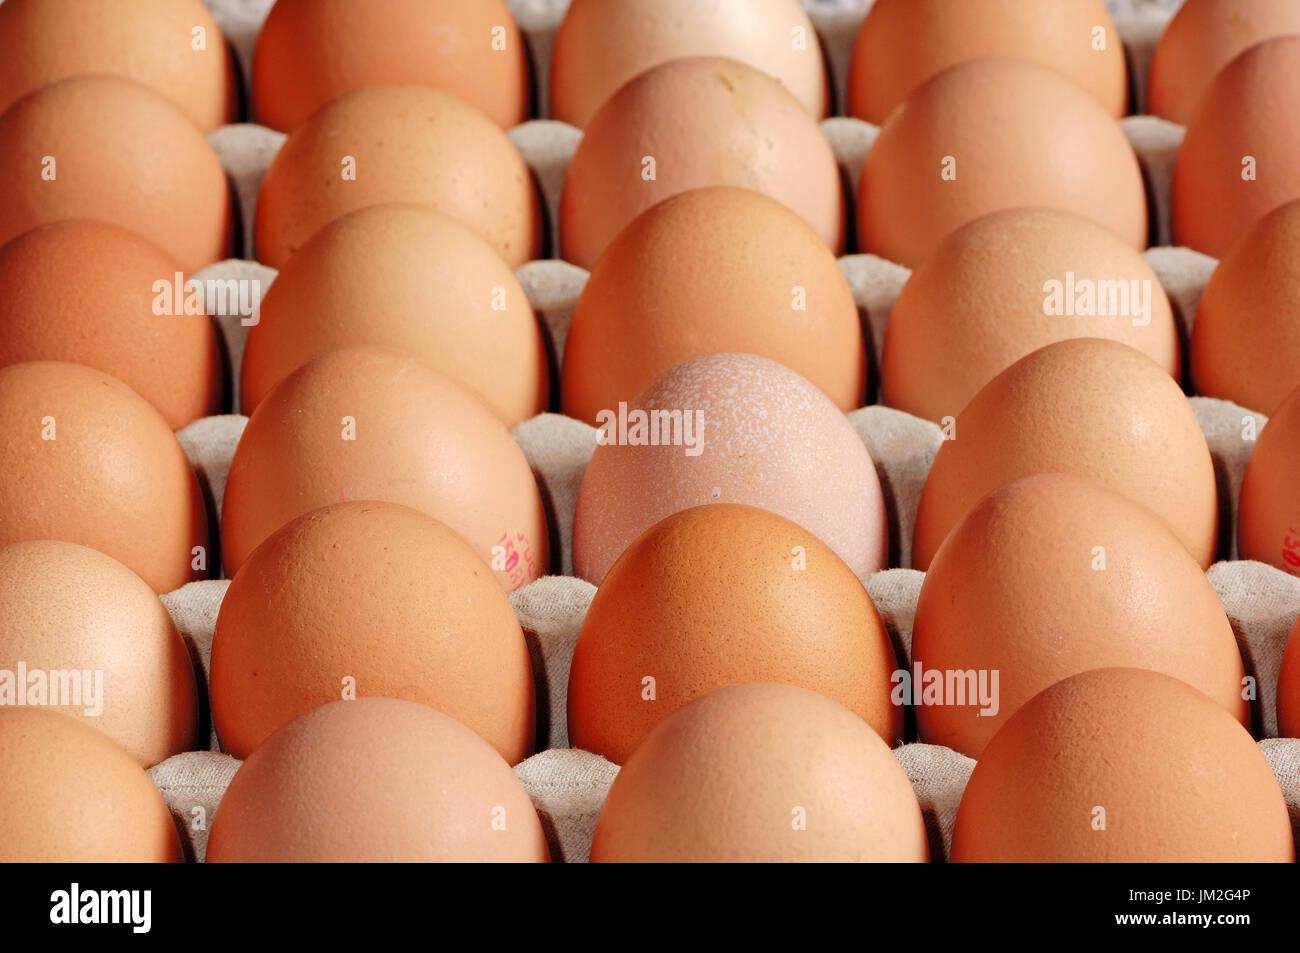 Geflügel, Eiern | Haushuhn, Eier / Hühnereier, Ei Stockbild